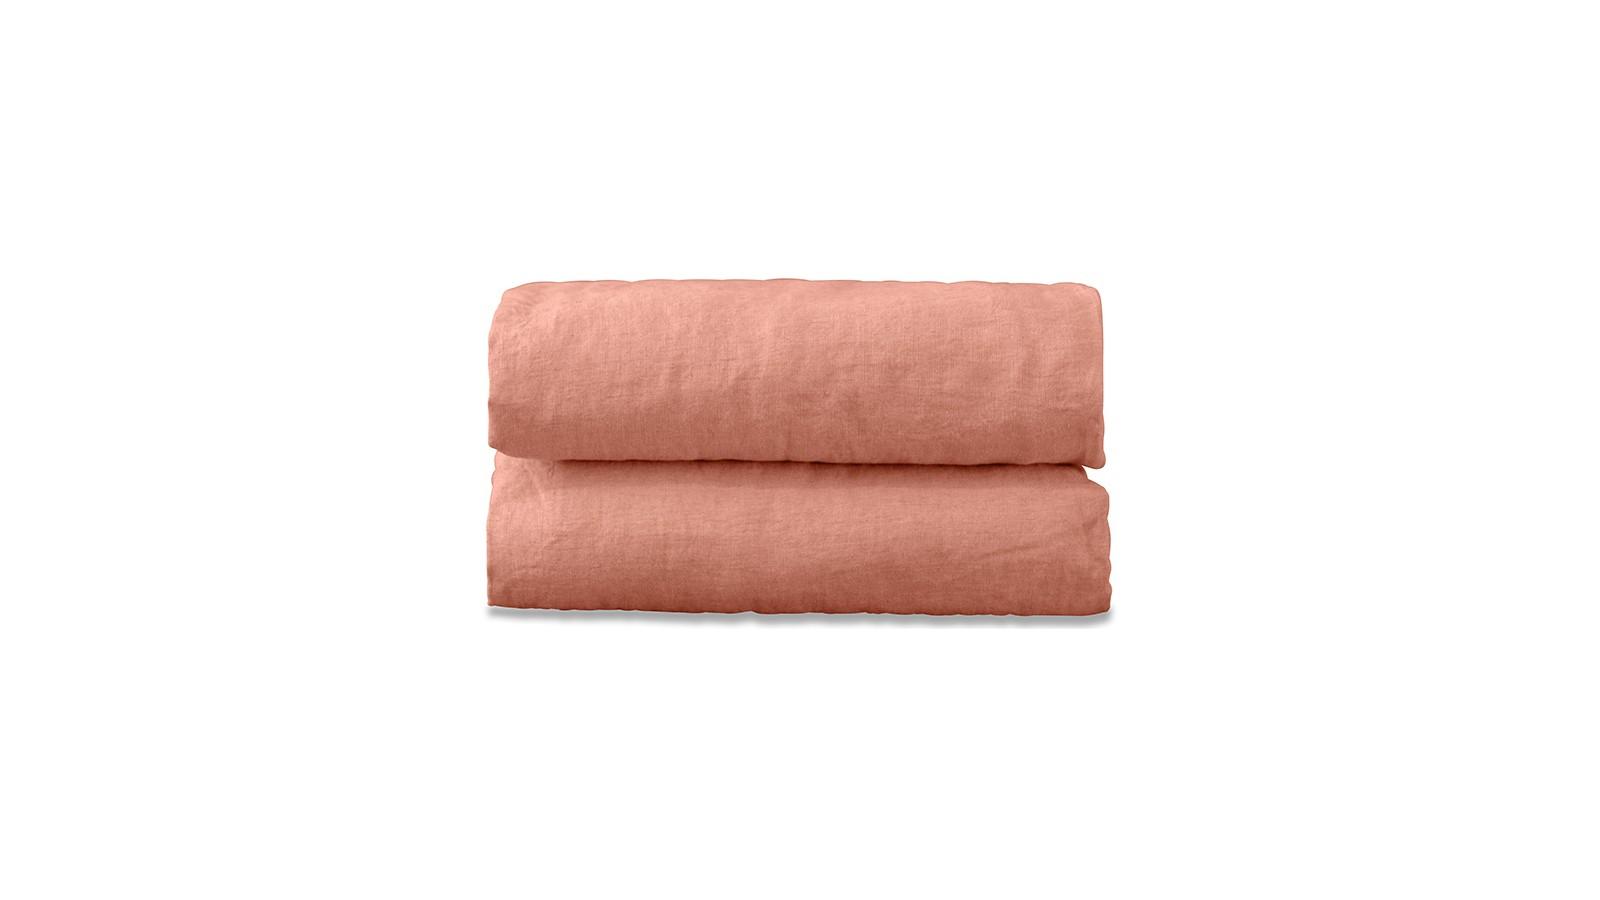 Drap plat 2 personnes en lin lavé uni Rose Melba